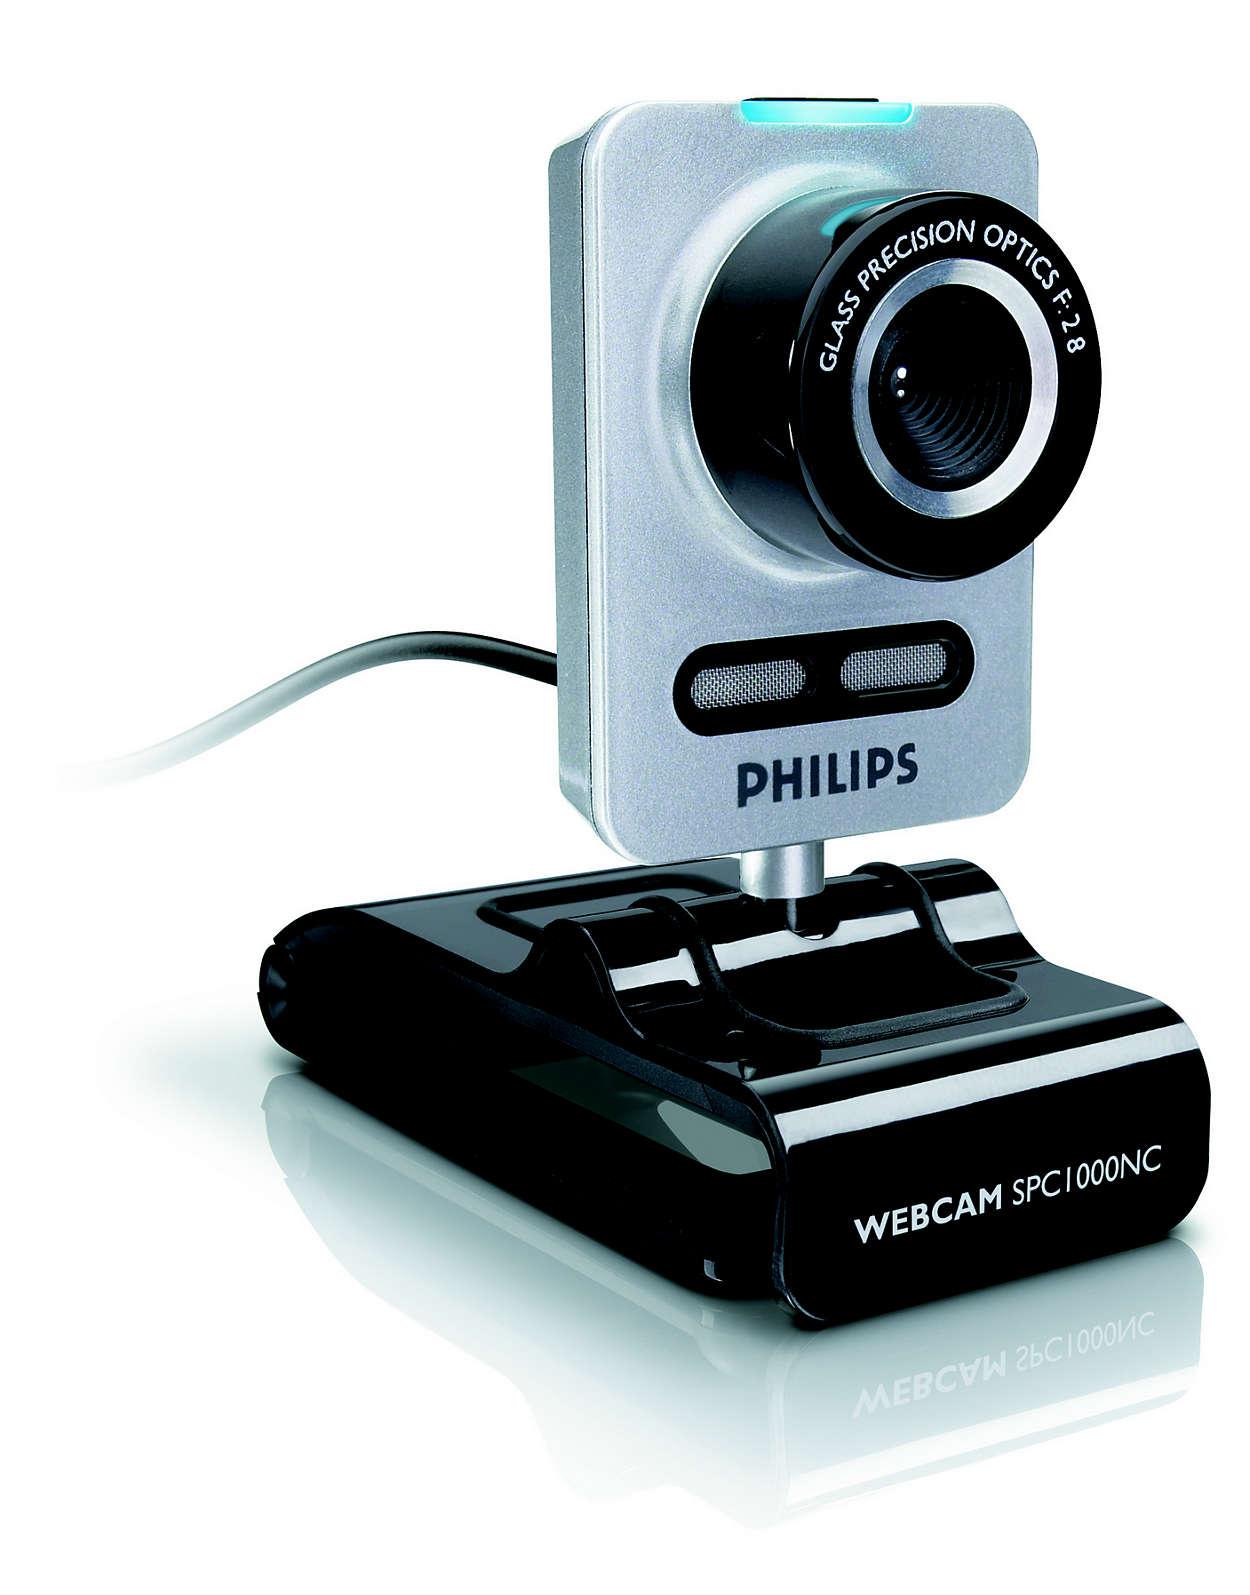 Connexion vidéo réaliste et haute qualité